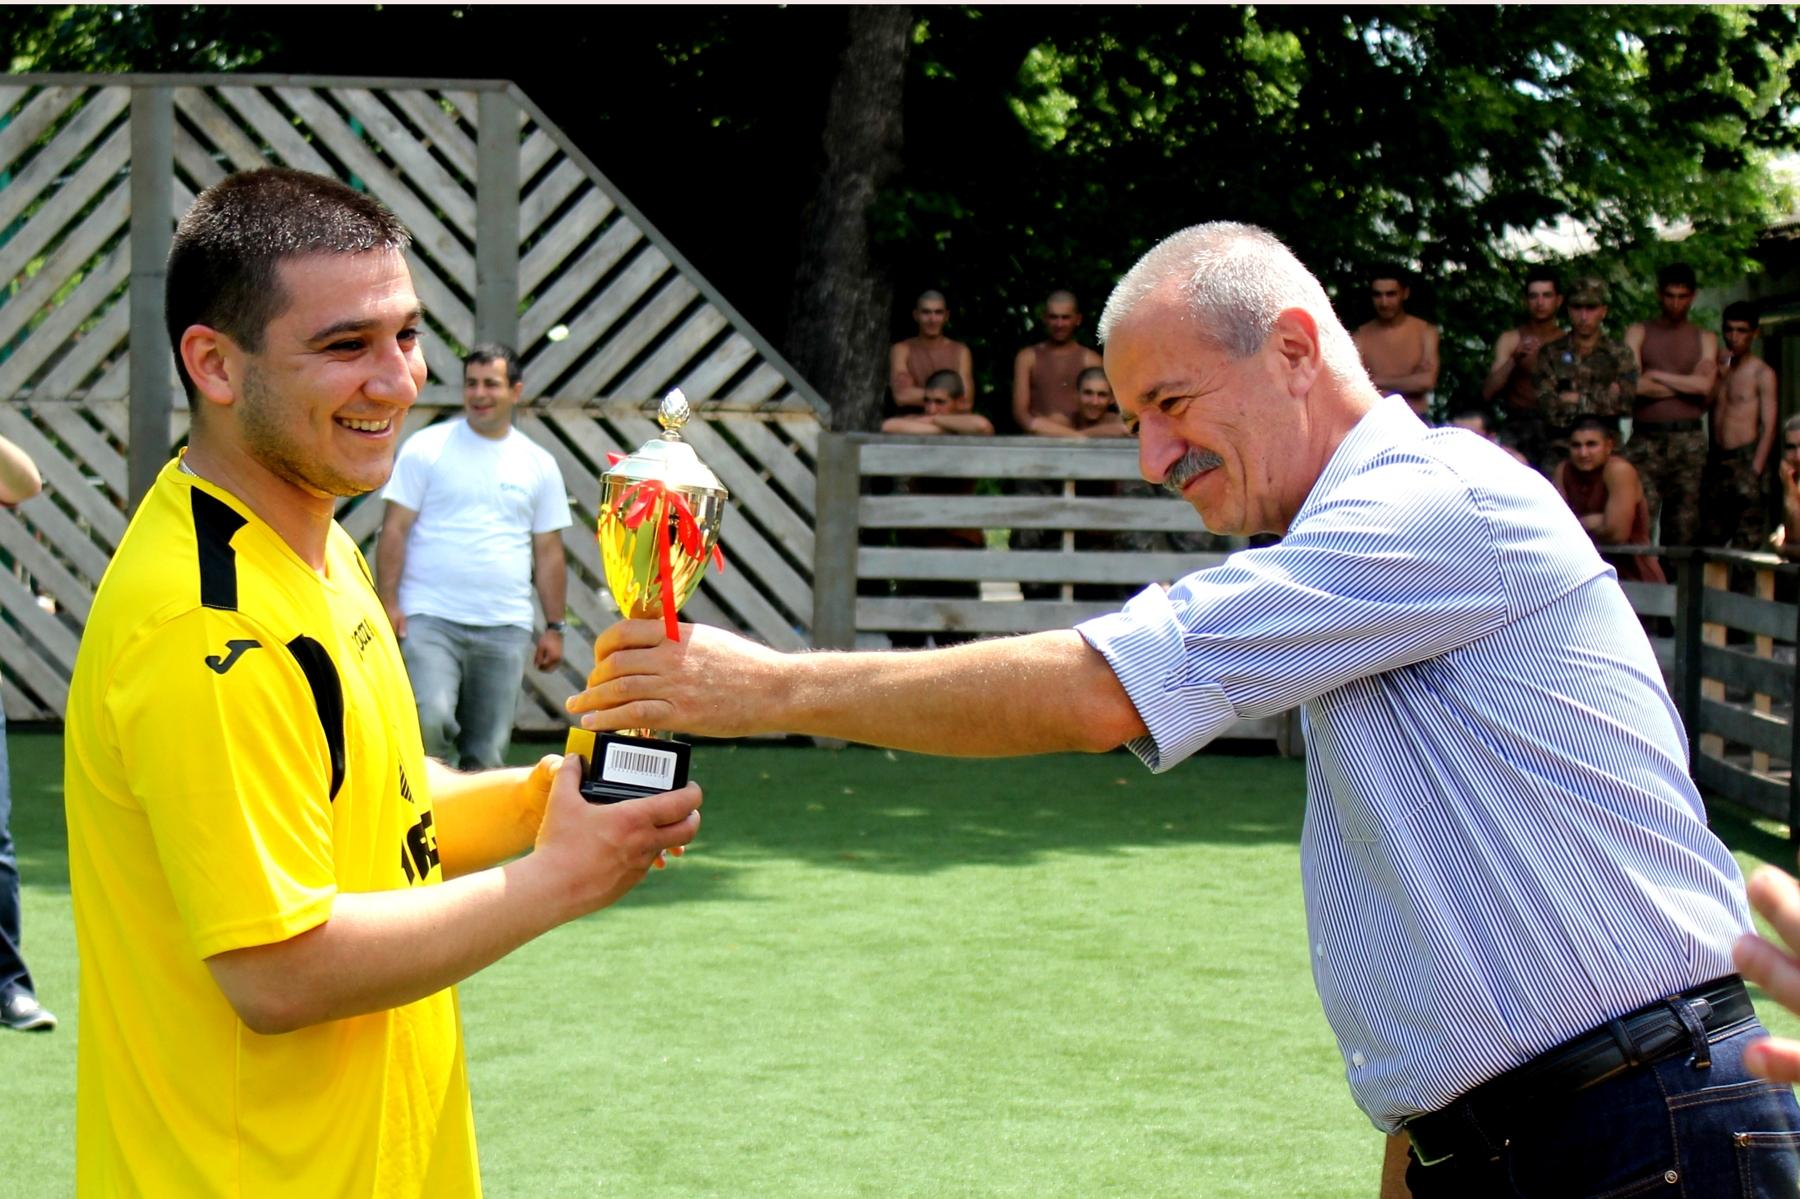 26-28 мая в Степанакерте состоялся турнир по мини-футболу между командами ЗАО «АрмРосгазпром», ЗАО «Арцахгаз» и ЗАО «Арцахэнерго»